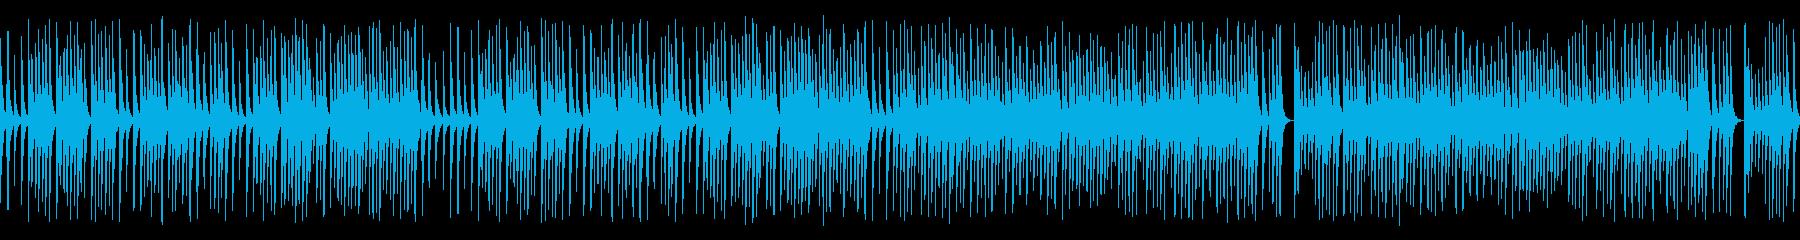 木琴がコロコロ可愛いジャズの名曲(ループの再生済みの波形